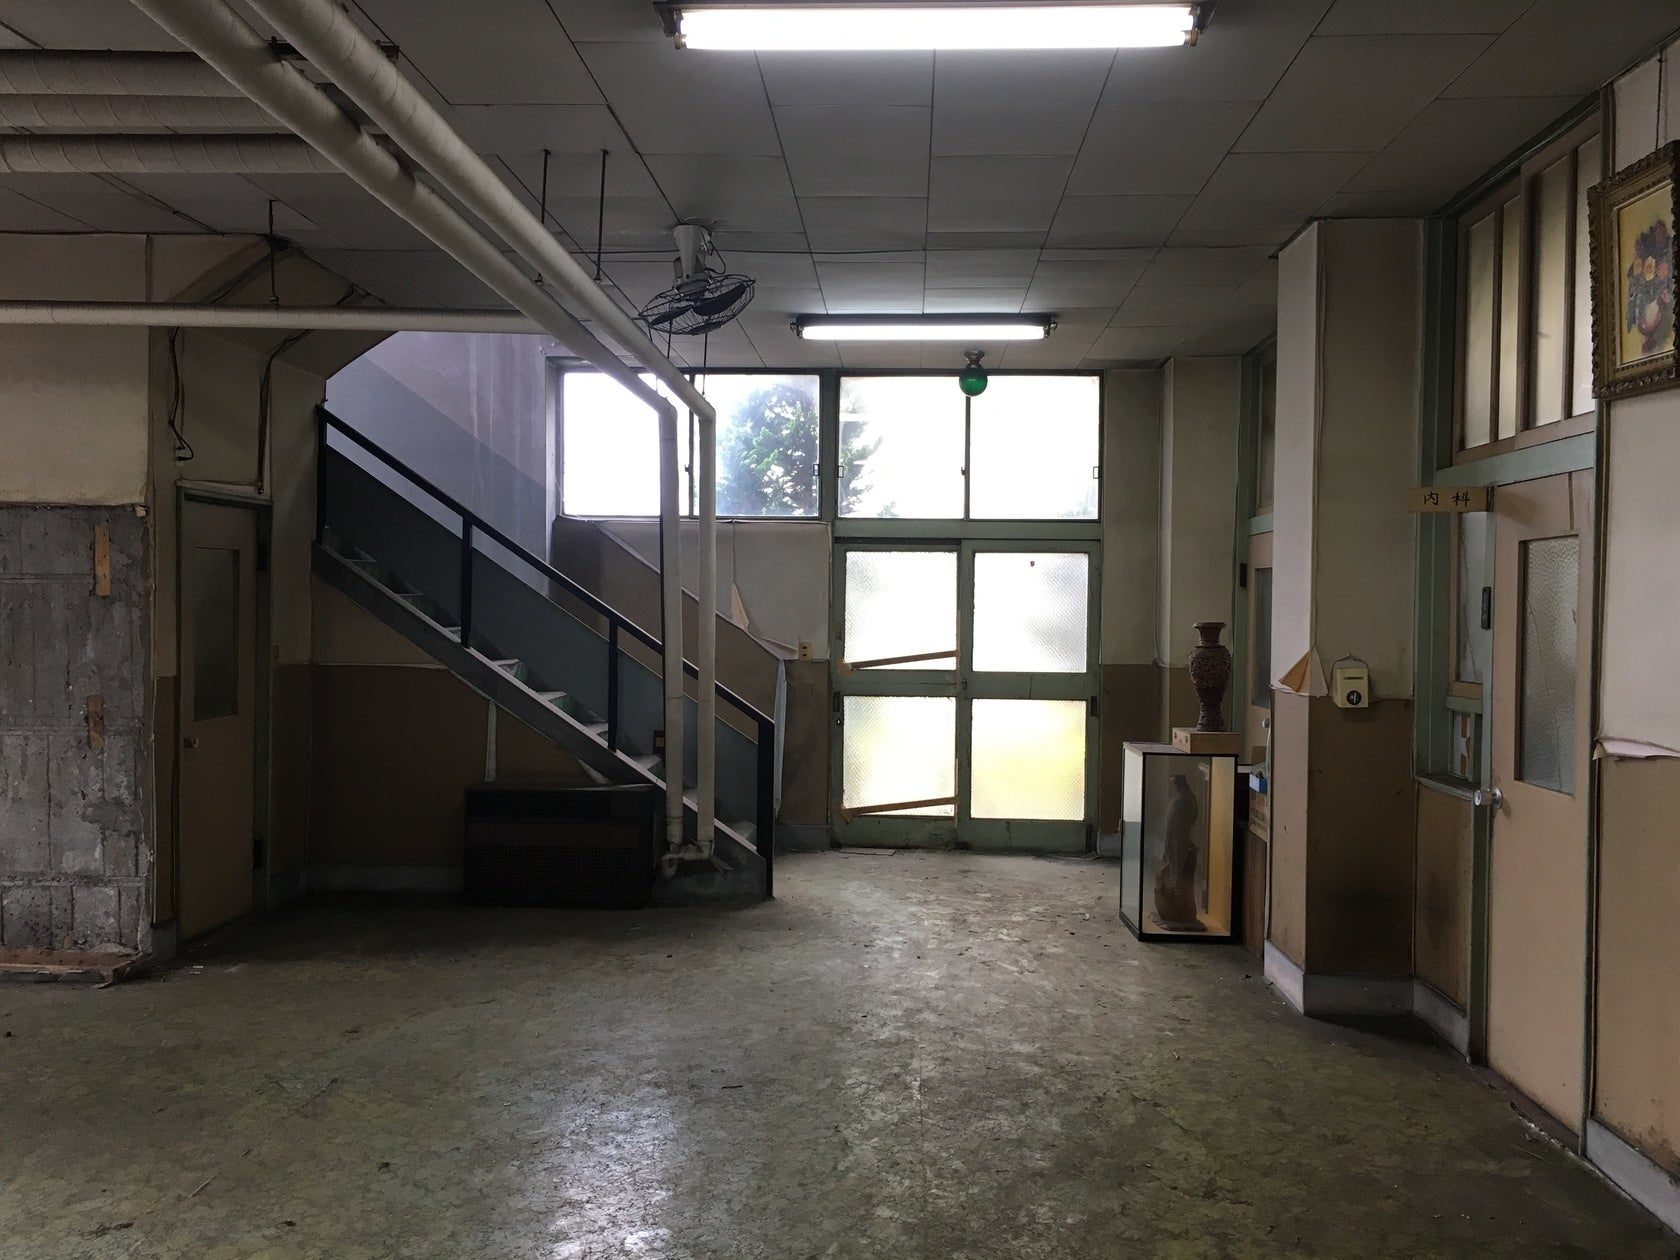 【八潮市廃病院スタジオ】廃墟、廃病院です。コスプレ撮影等にどうぞ!(八潮市廃病院スタジオ) の写真0